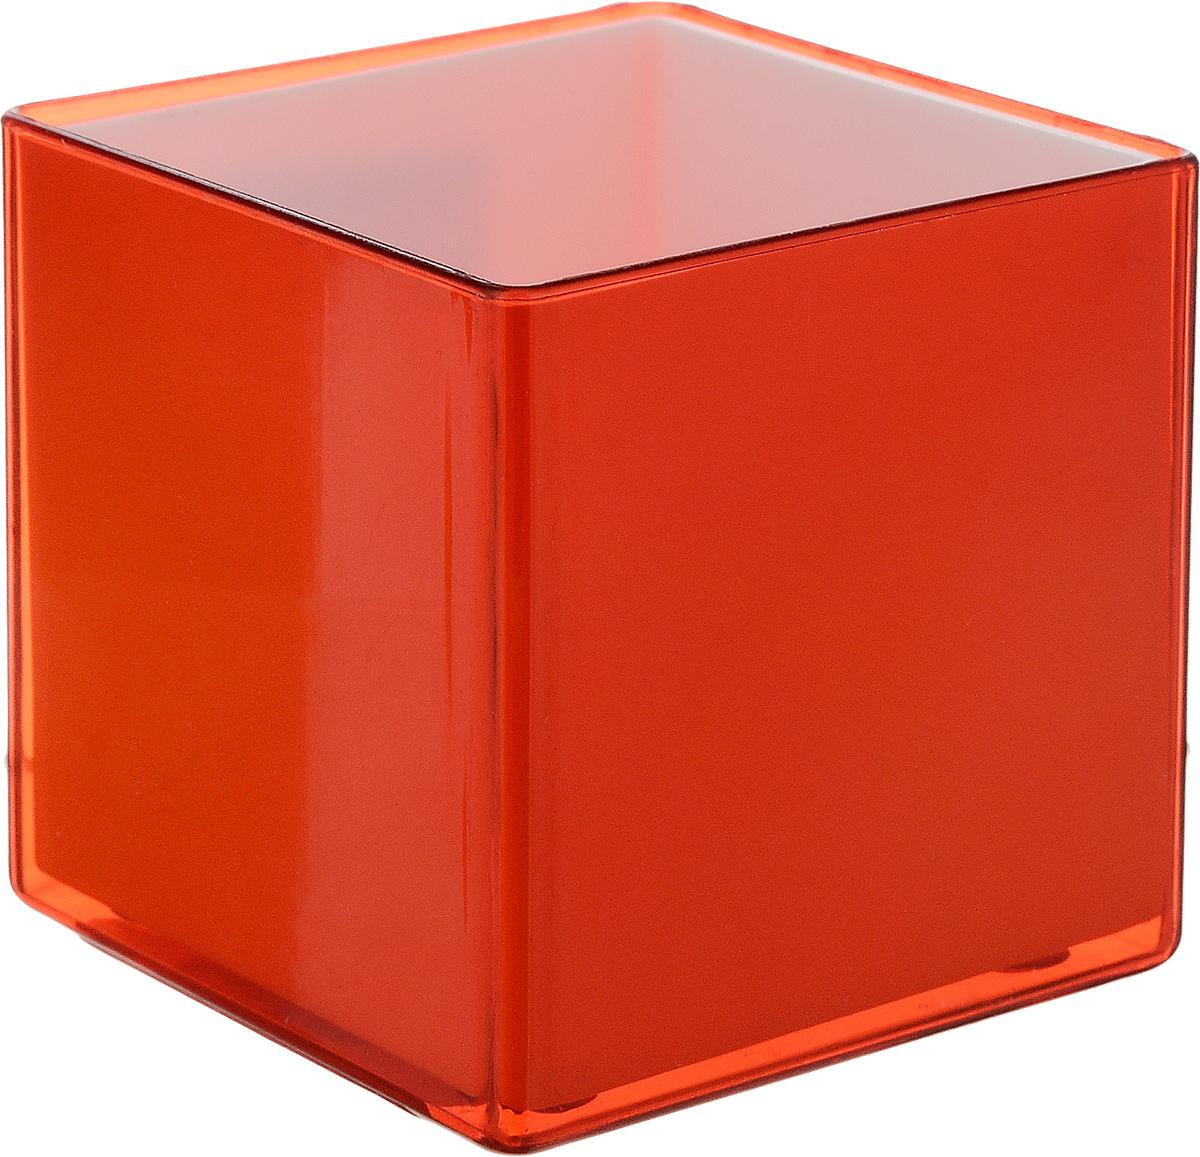 Кашпо JetPlast Мини куб, на магните, цвет: красный, 6 x 6 x 6 см4612754050505Кашпо JetPlast Мини куб предназначено для украшения любого интерьера. Благодаря магнитной ленте, входящей в комплект, вы можете разместить его не только на подоконнике, столе или иной поверхности, а также на холодильнике и любой другой металлической поверхности, дополняя привычные вещи новыми дизайнерскими решениями. Кашпо можно использовать не только под цветы, но и как подставку для ручек, карандашей и прочих канцелярских мелочей. Размеры кашпо: 6 х 6 х 6 см.